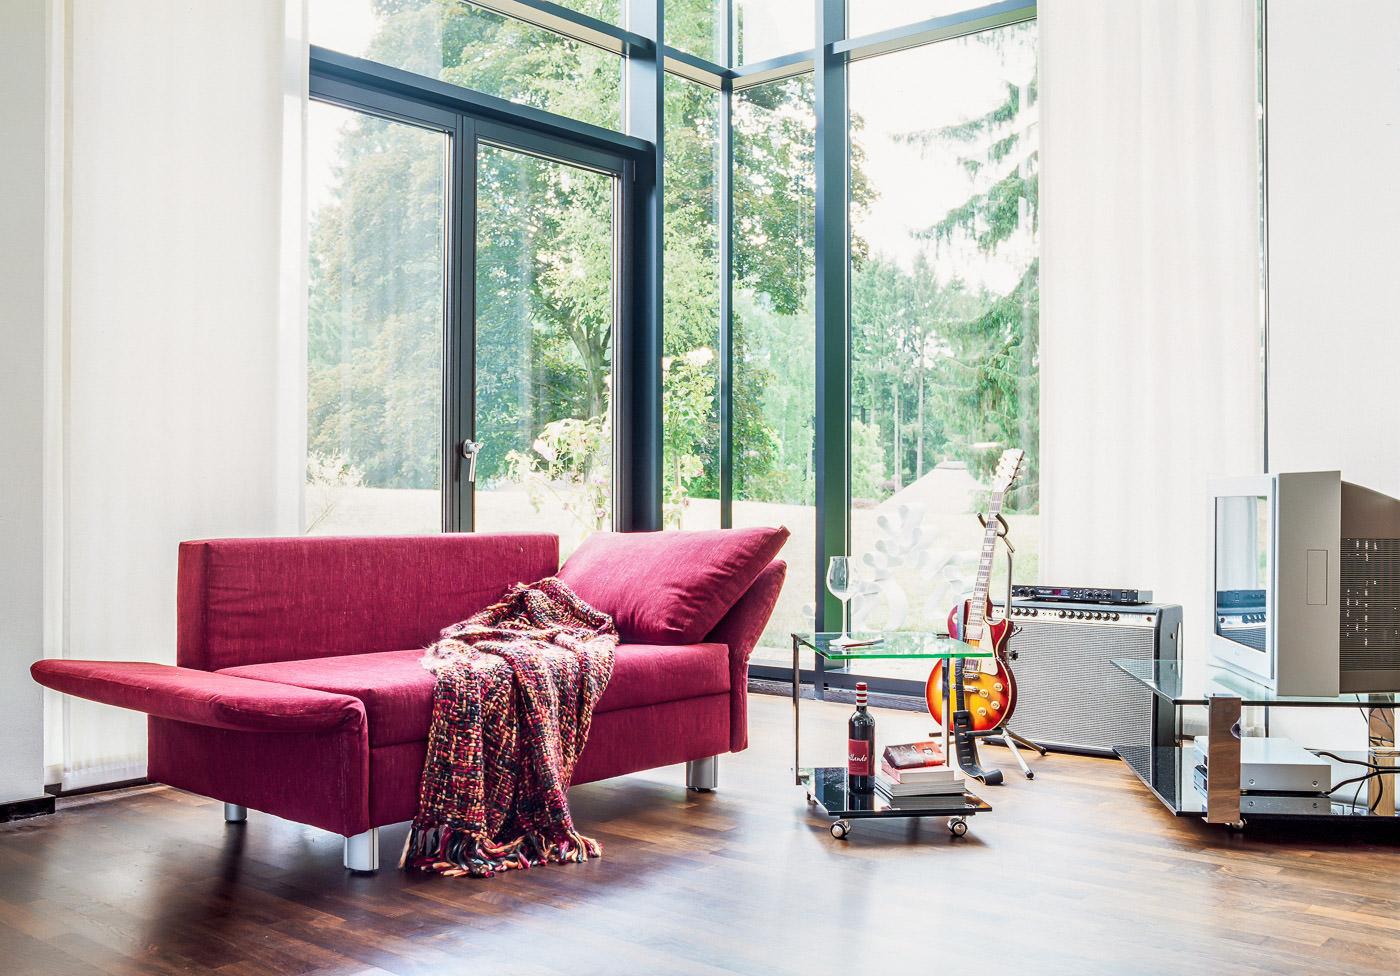 Sofa Luino von Franz Fertig in rot bei Möbel Meiss